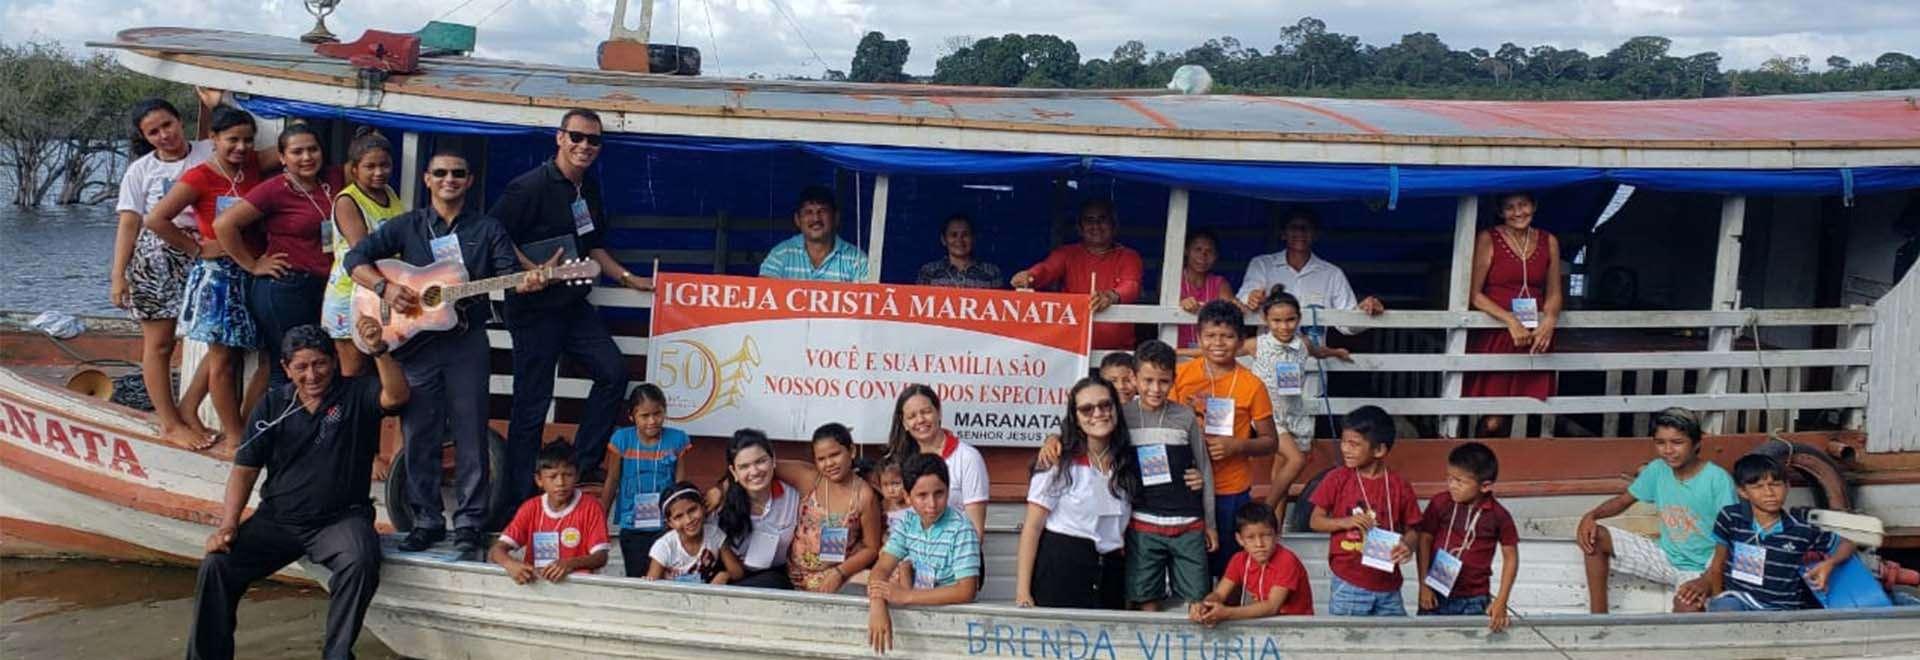 Igreja Cristã Maranata em Comunidade Ribeirinha do Amazonas recebe assistência espiritual